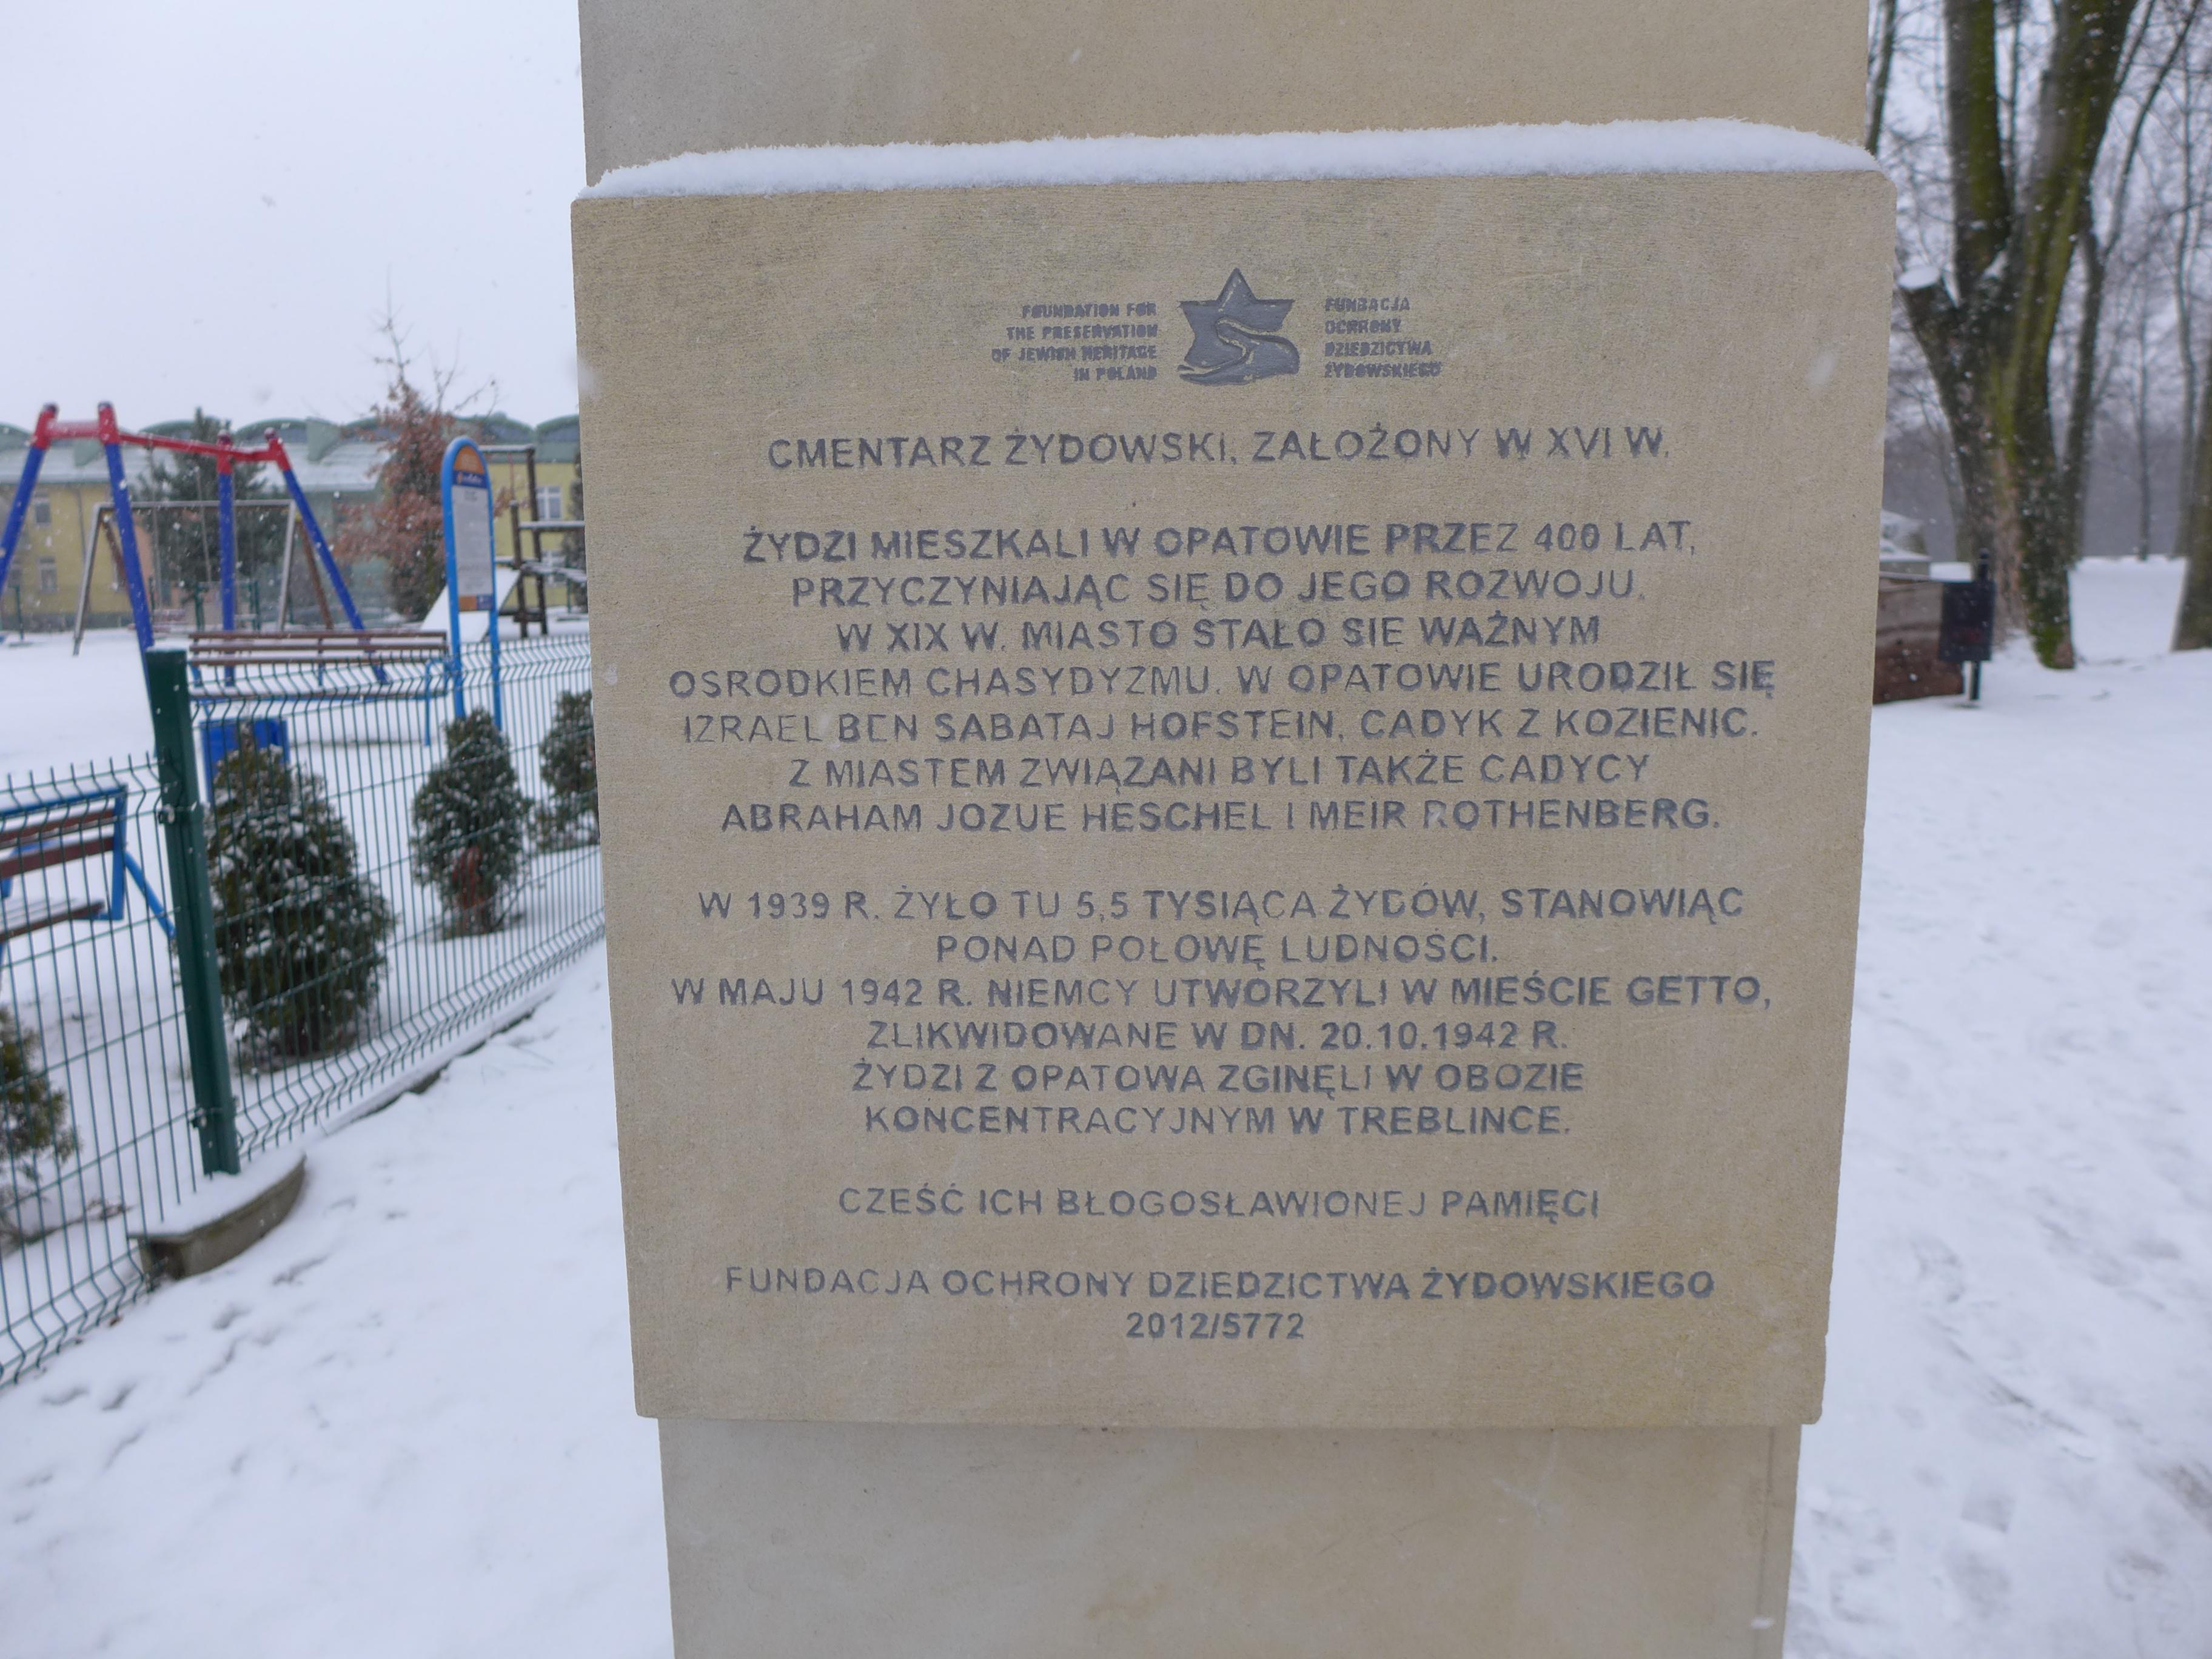 zwiedzanie opatowa - informacja o Cmentarzu Żydowskim